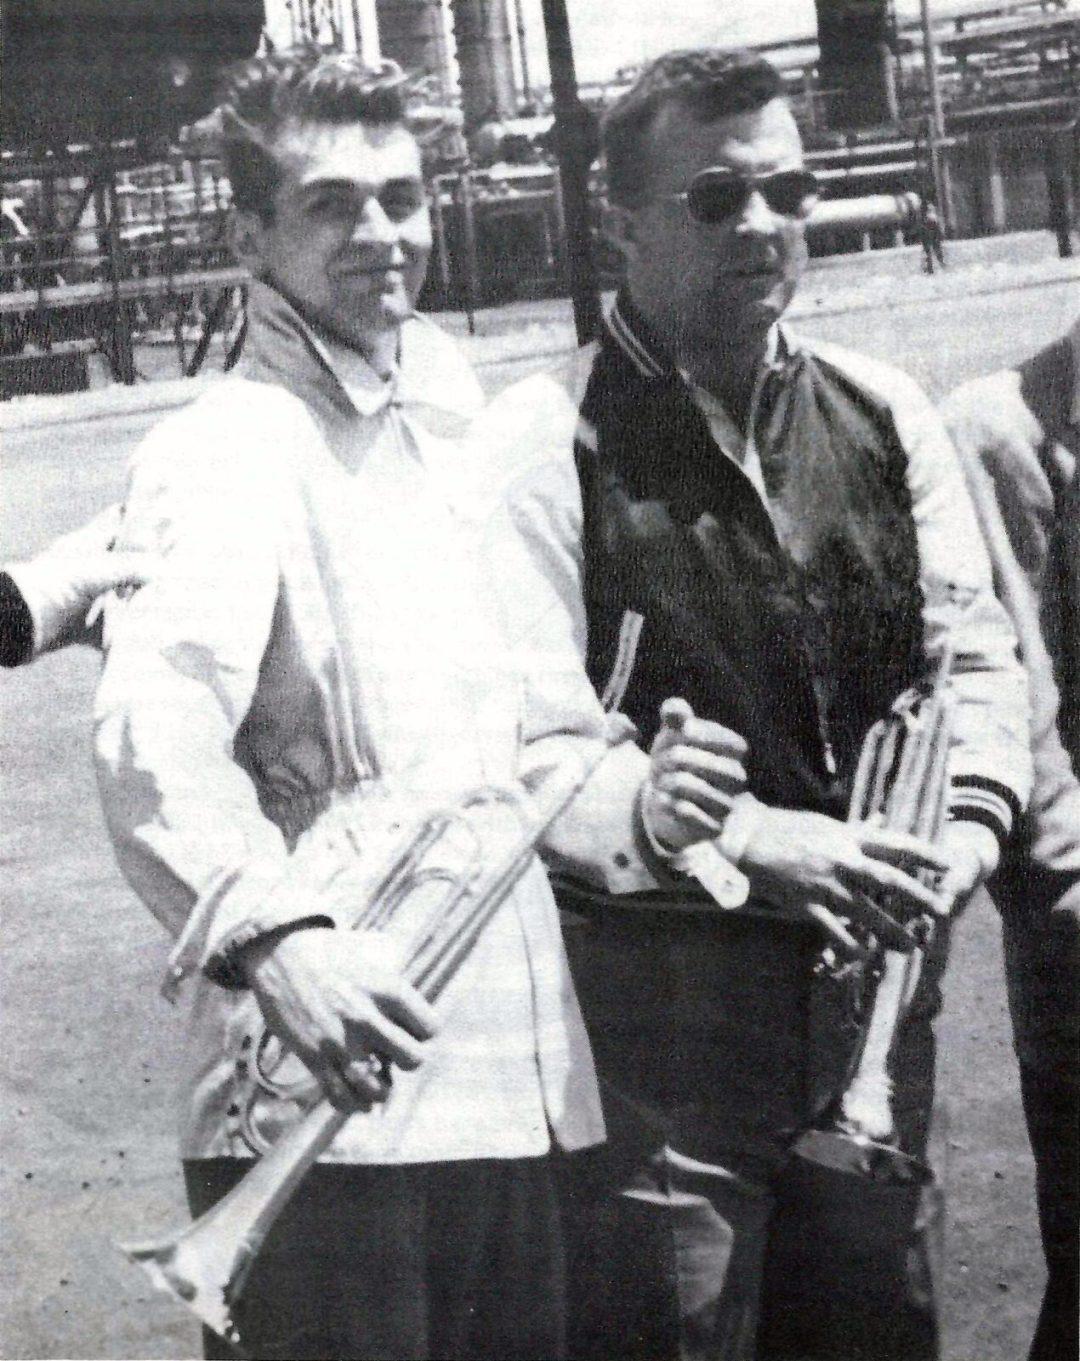 Al Saia and Jack Whelan